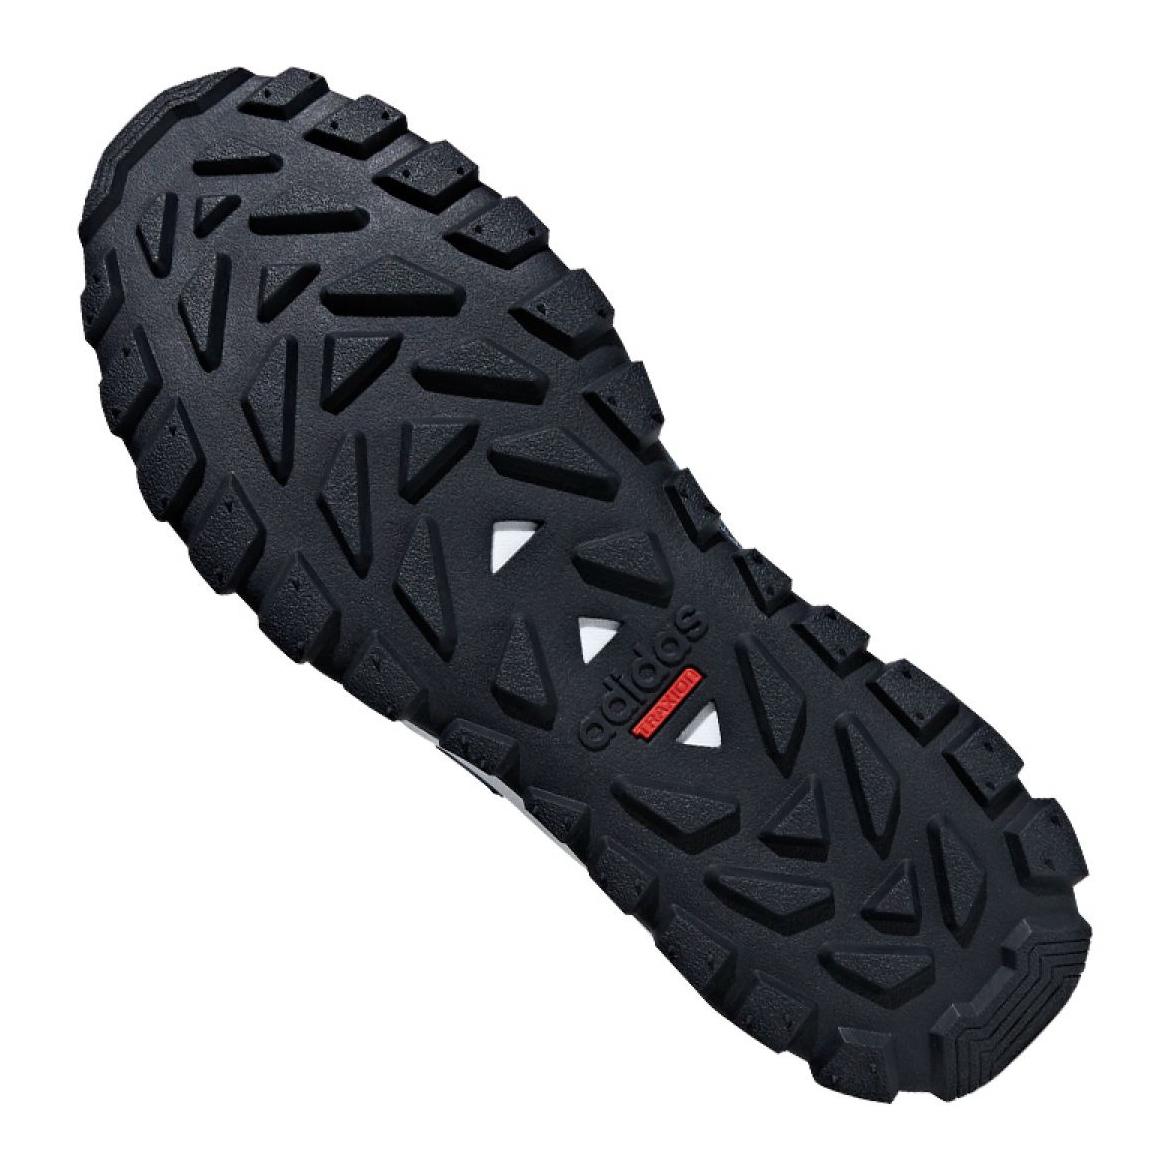 Svart Adidas Lite Racer Cln M F34574 skor ButyModne.pl